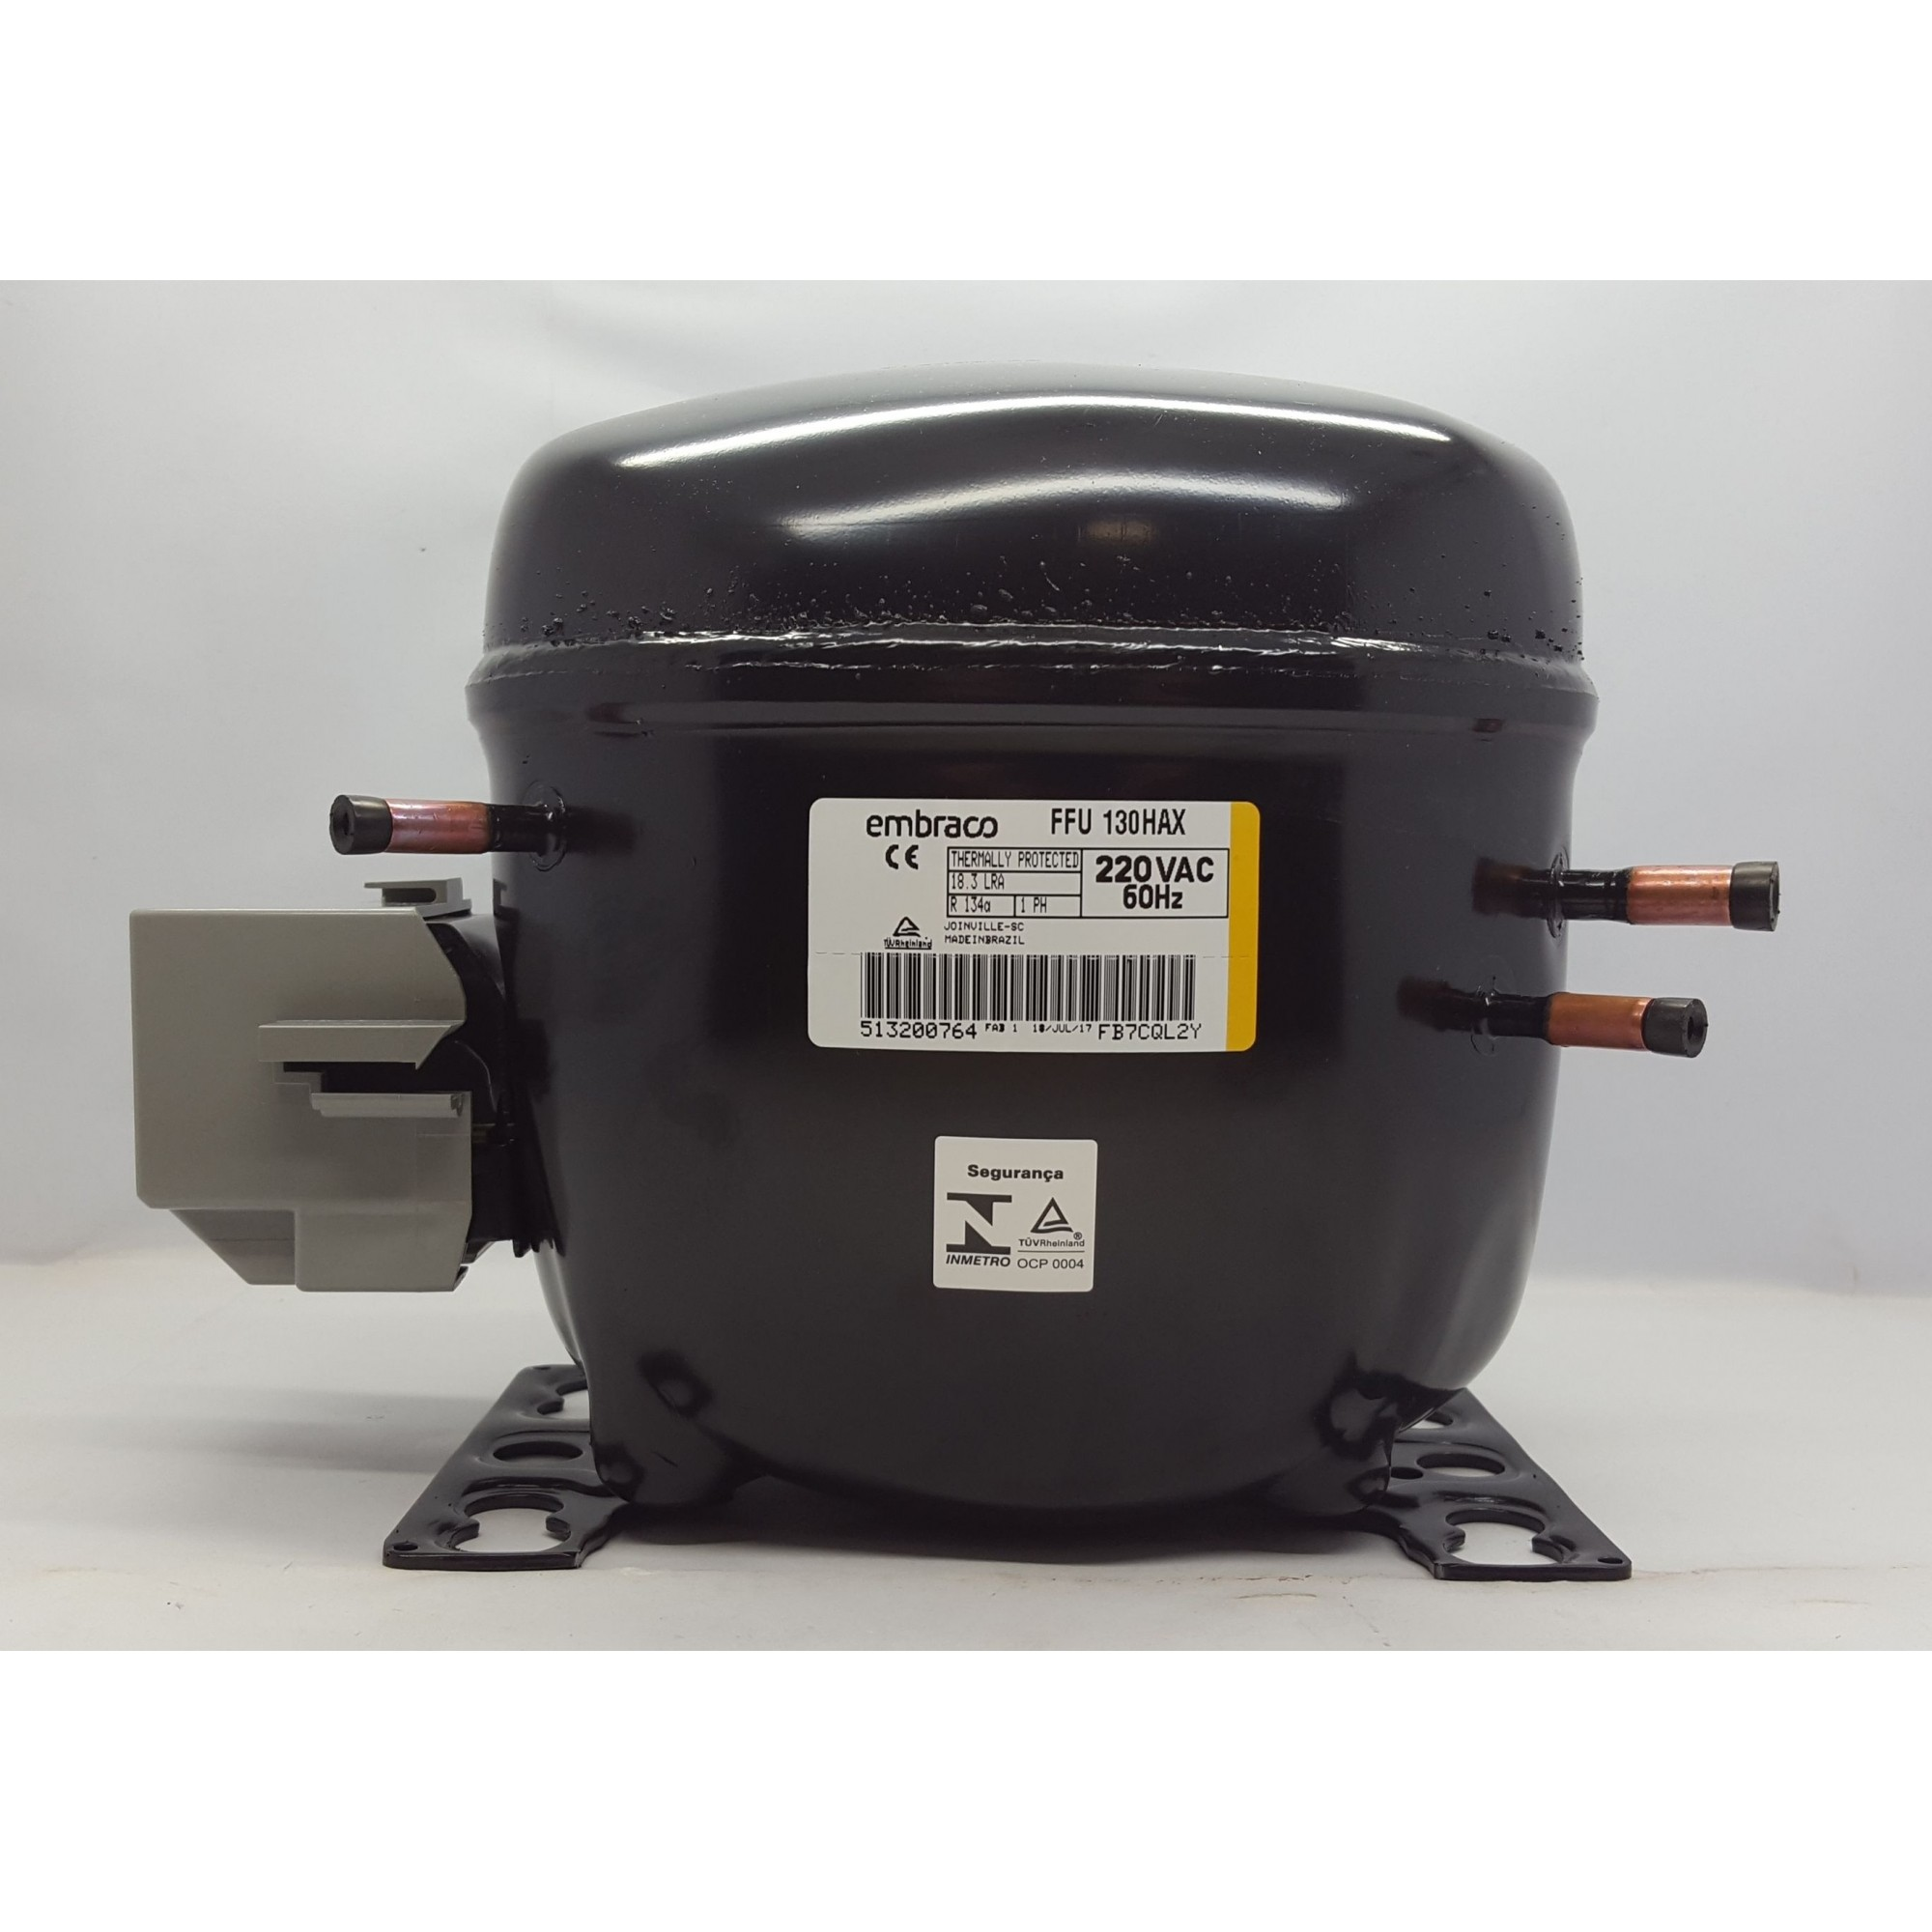 MOTOR PARA GELADEIRA E FREEZER - COMPRESSOR EMBRACO 1/3+ HP - (FFU 130HAX - 220V - R134A) / (FFU 130AX - 110V - Blends)